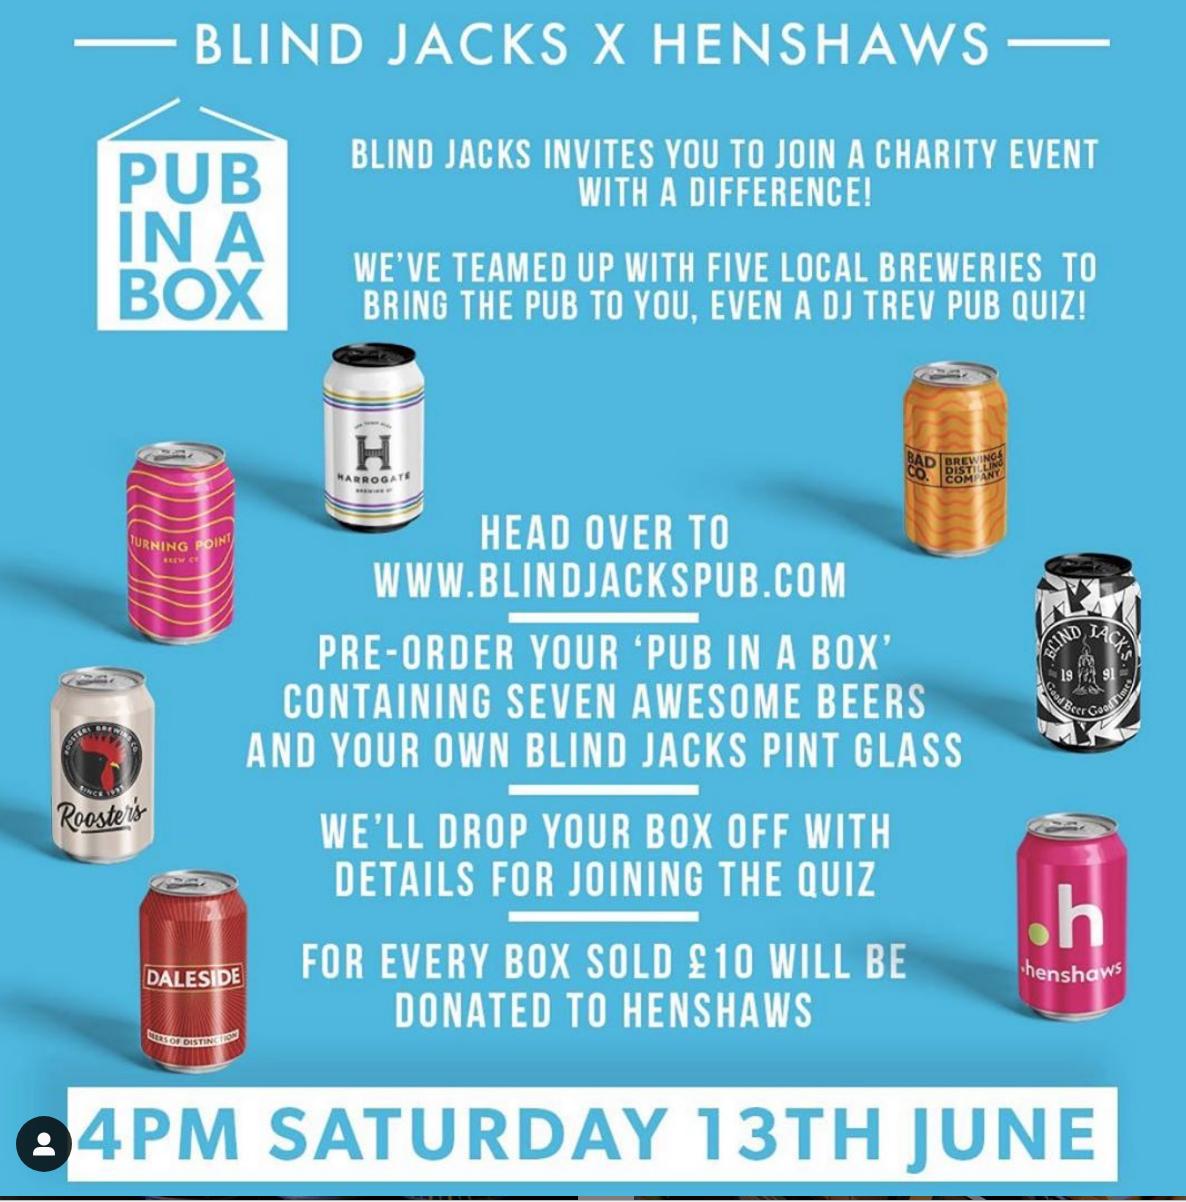 Blind Jack's x Henshaws